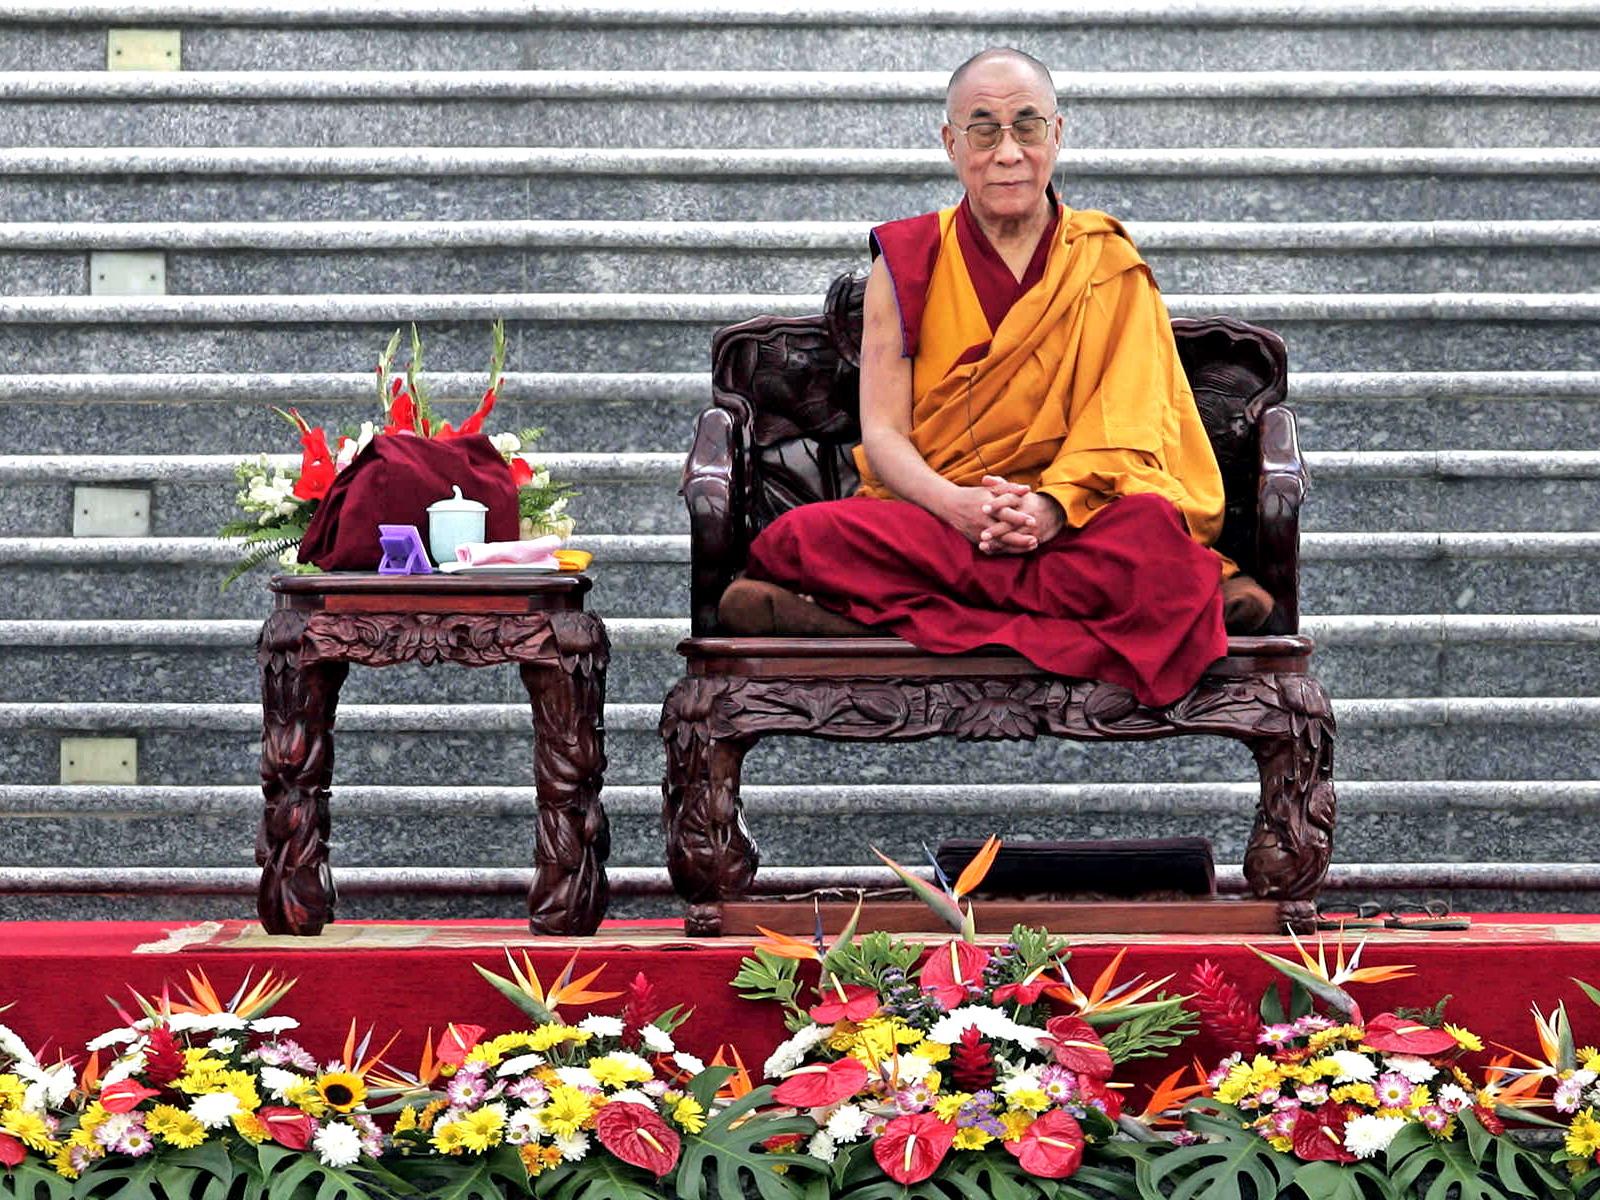 Dalai Lama, mesaj pentru regina Elisabeta! Ce i-a transmis după moartea prințului Philip